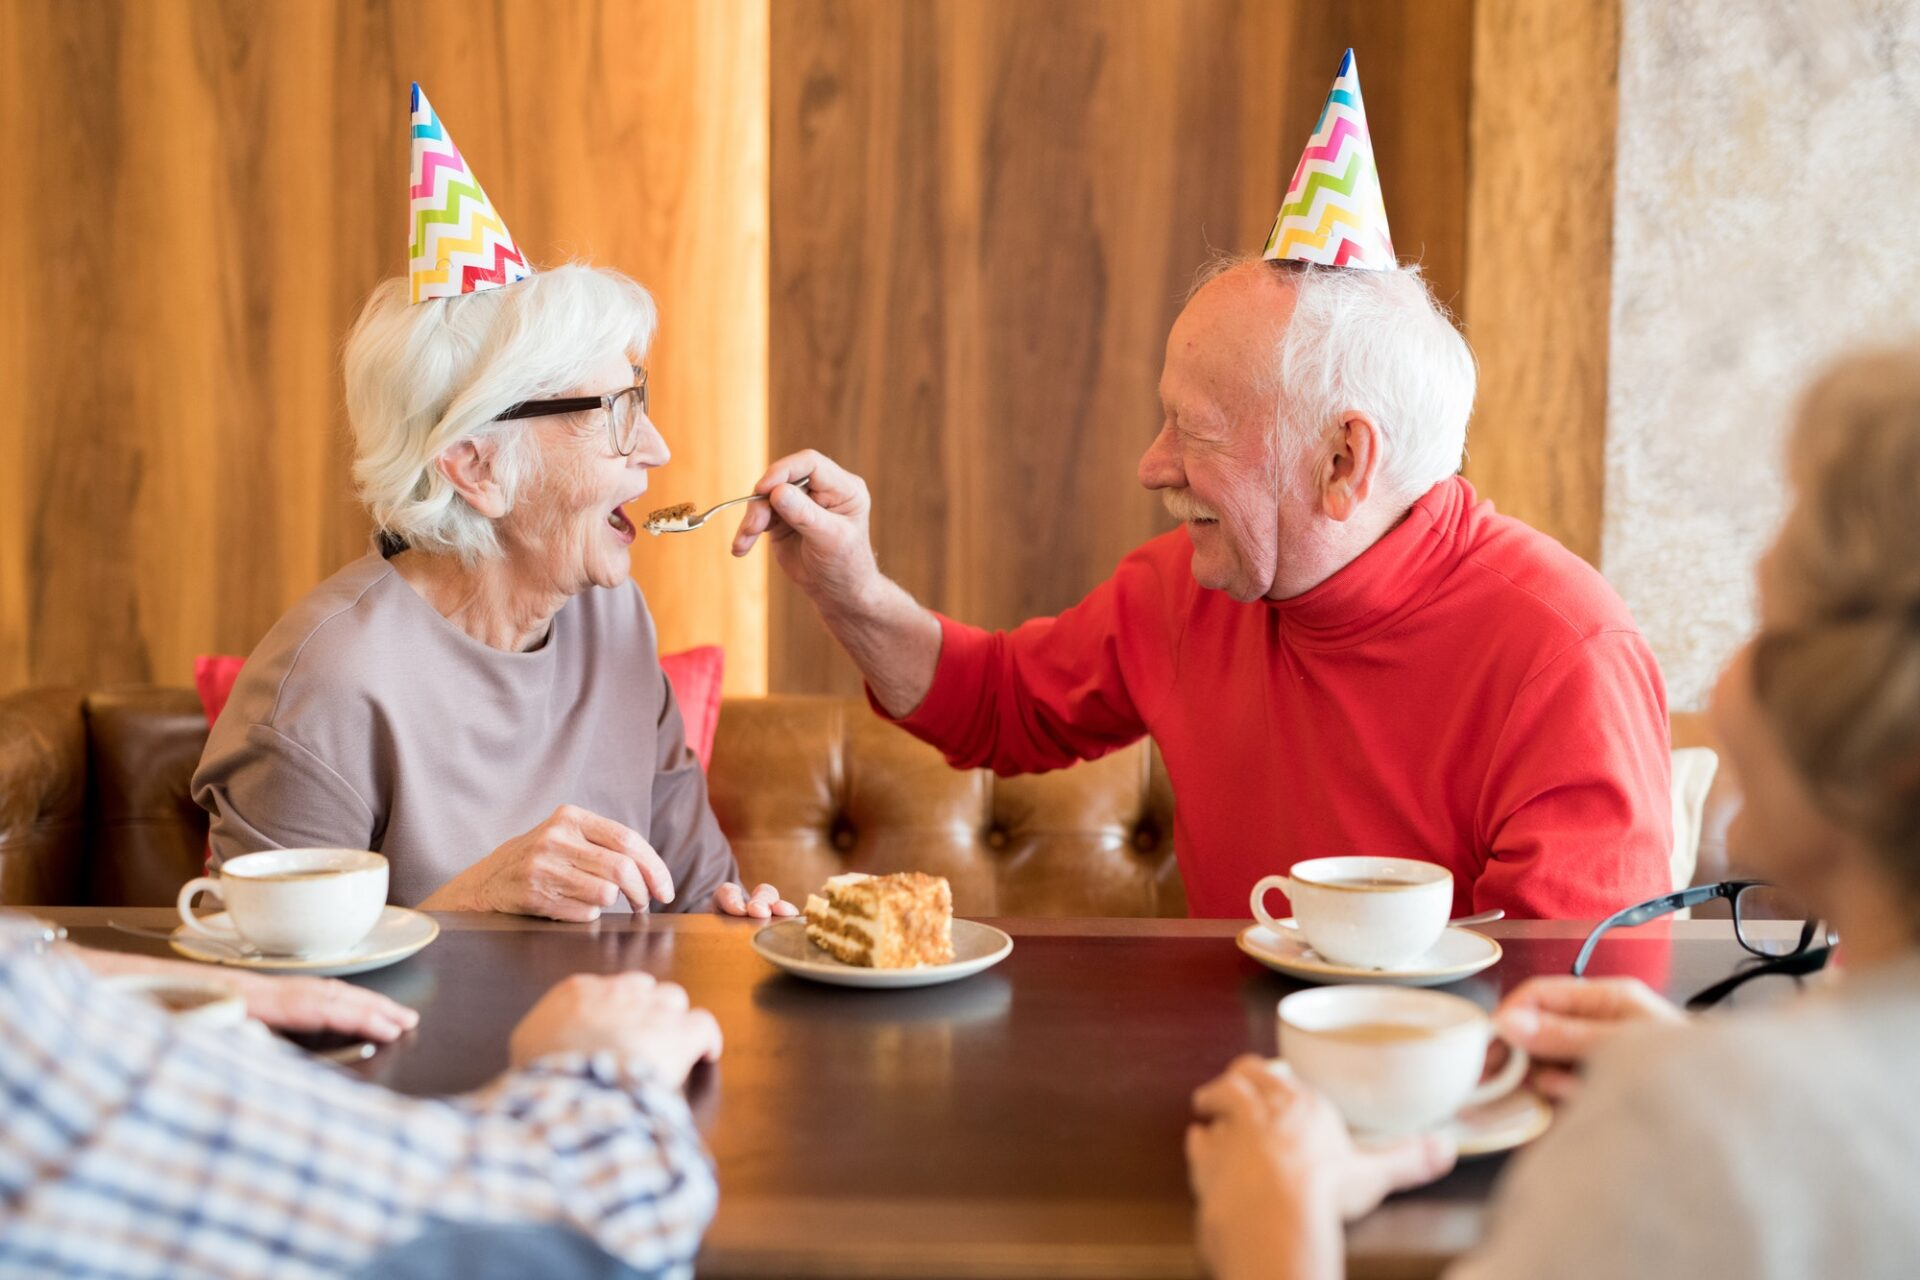 Careful senior husband feeding birthday wife